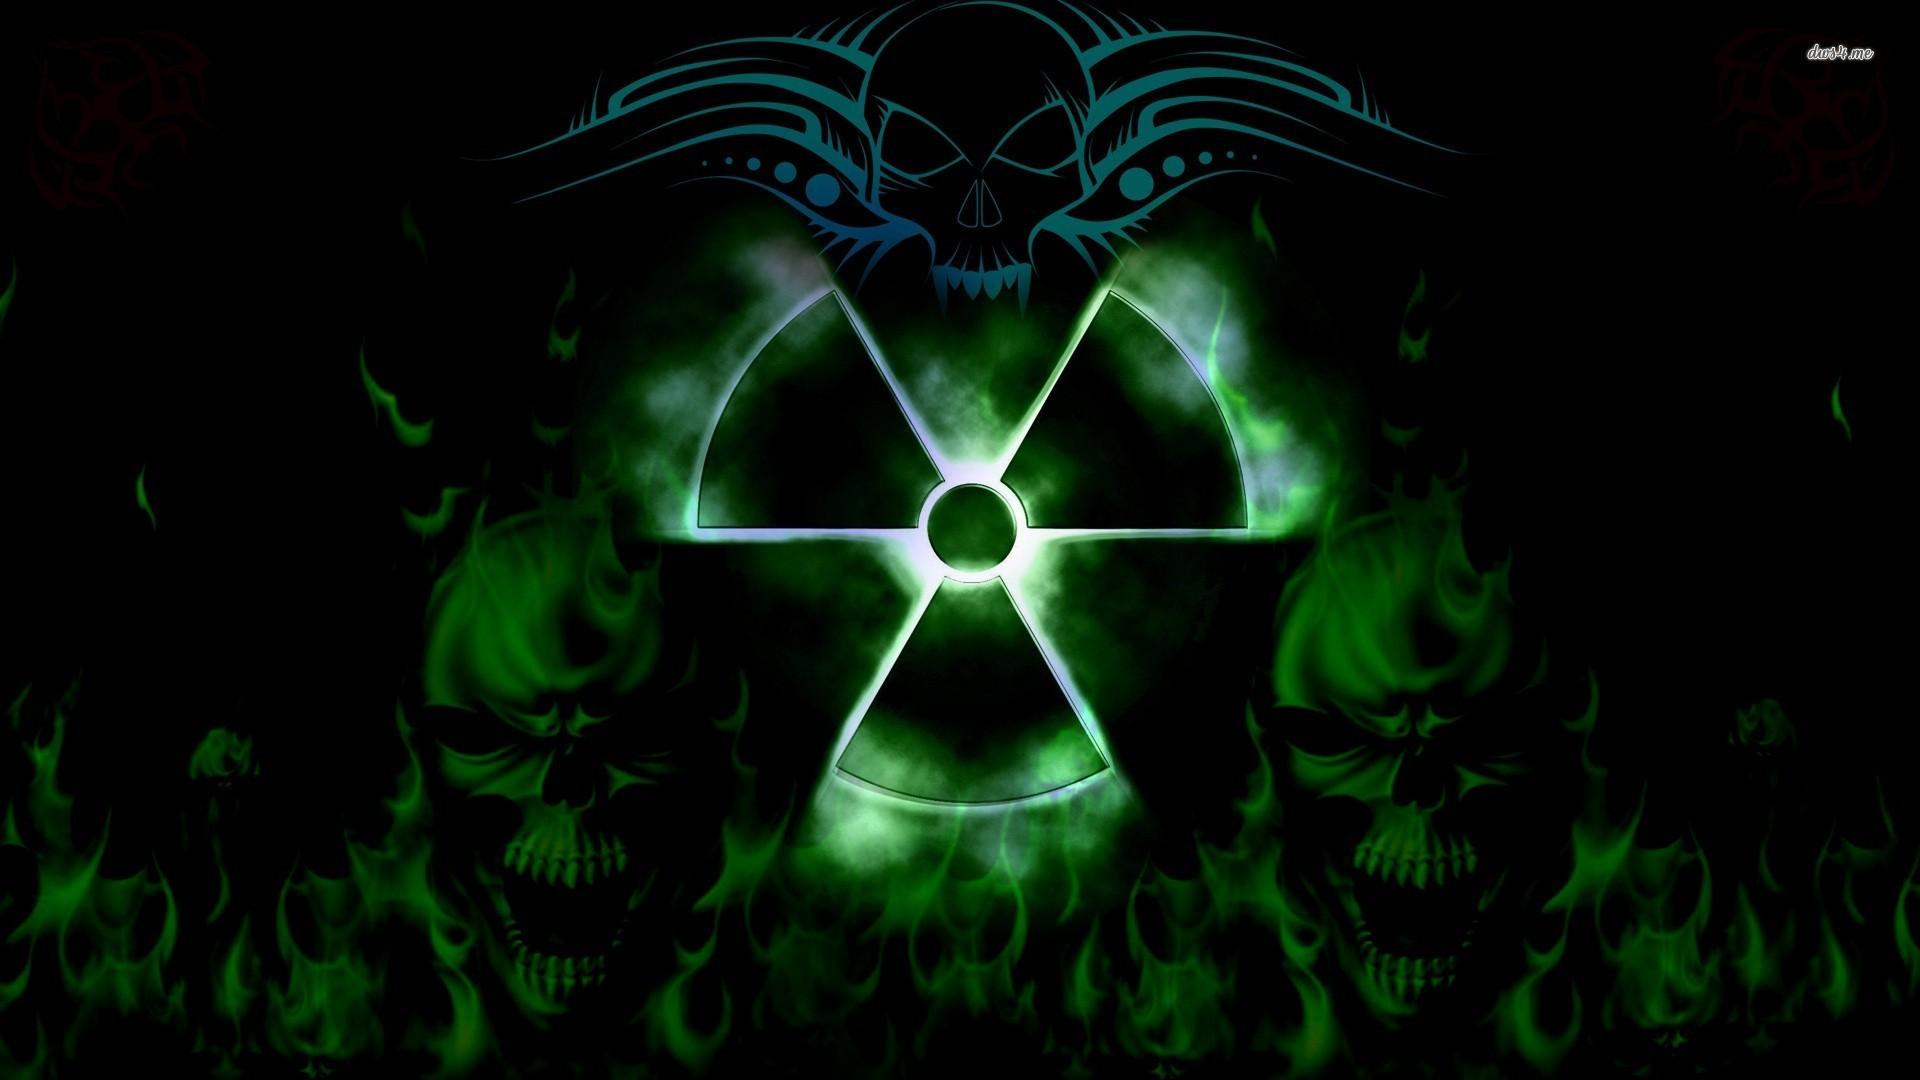 wallpaper 1280x800 Toxic sign and skulls wallpaper 1366x768 Toxic 1920x1080